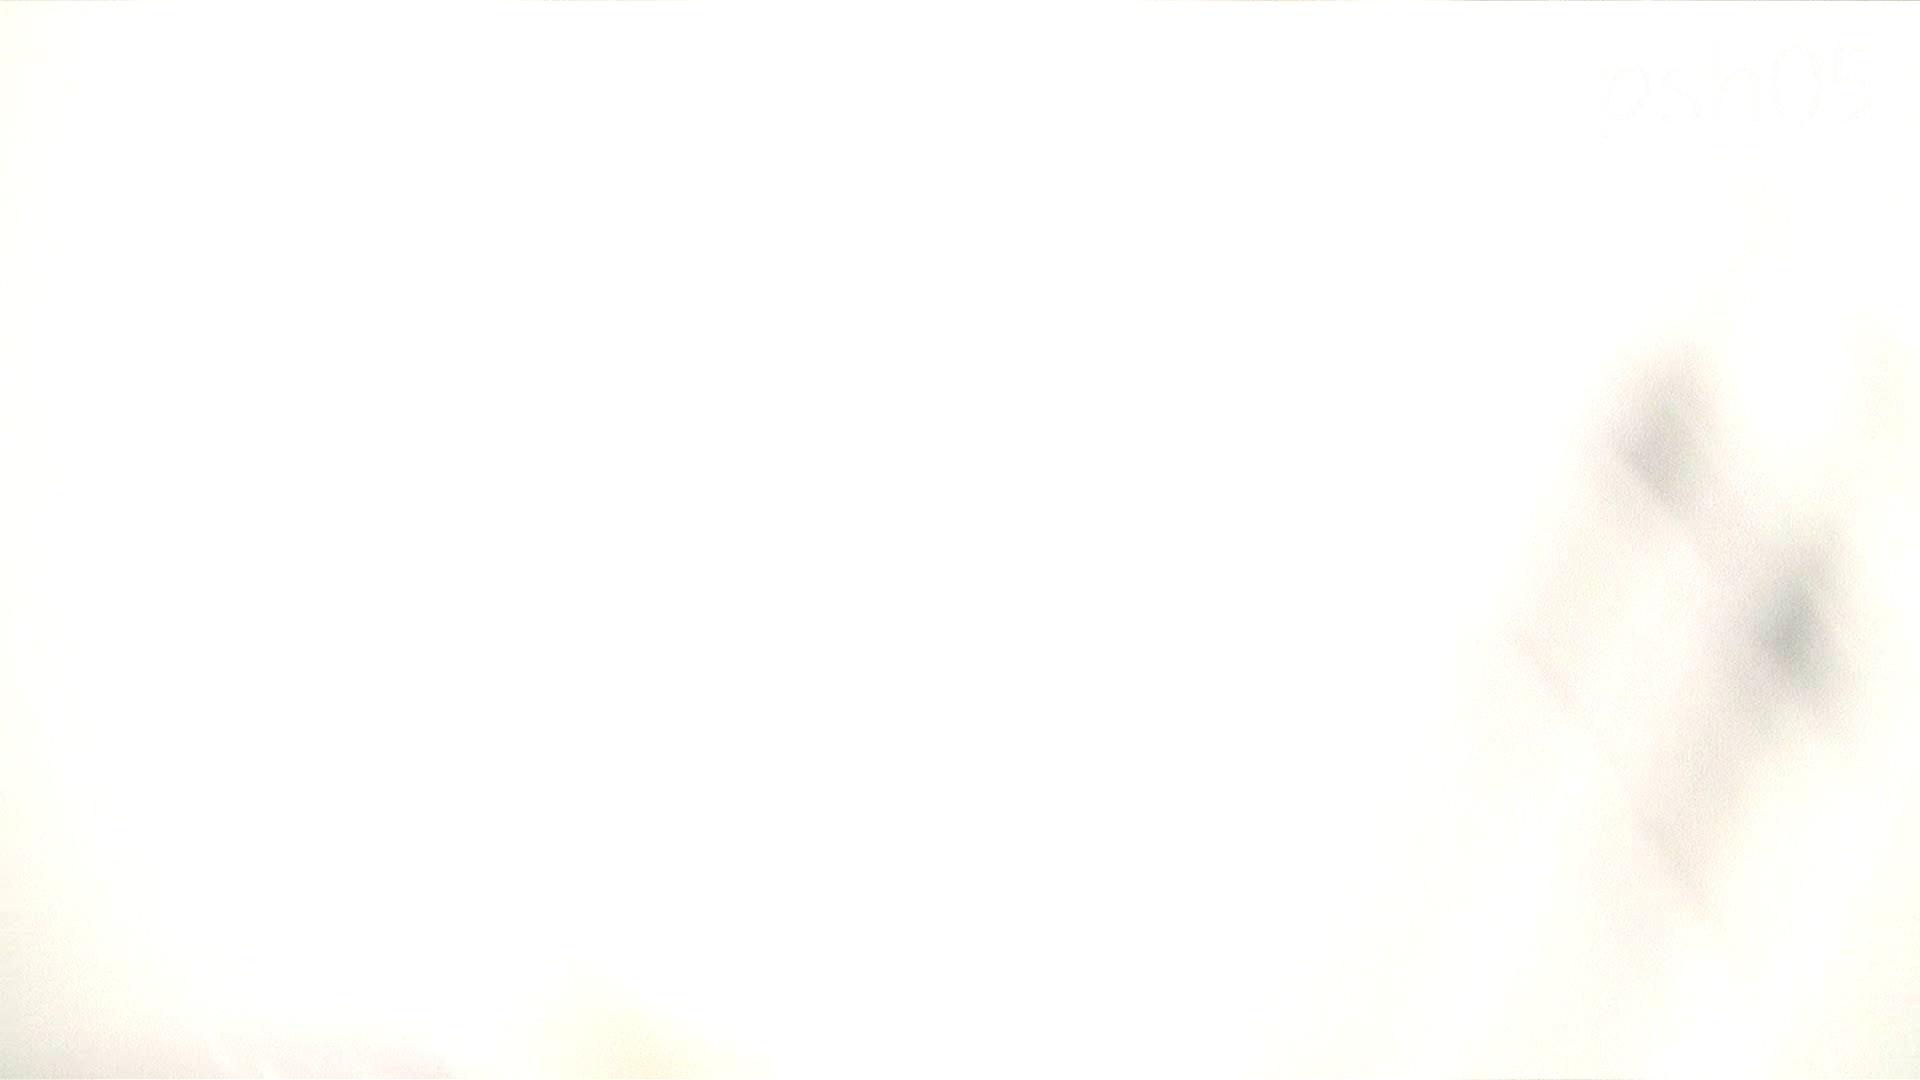 ▲復活限定▲ハイビジョン 盗神伝 Vol.5 OLのボディ   期間限定  69PIX 27